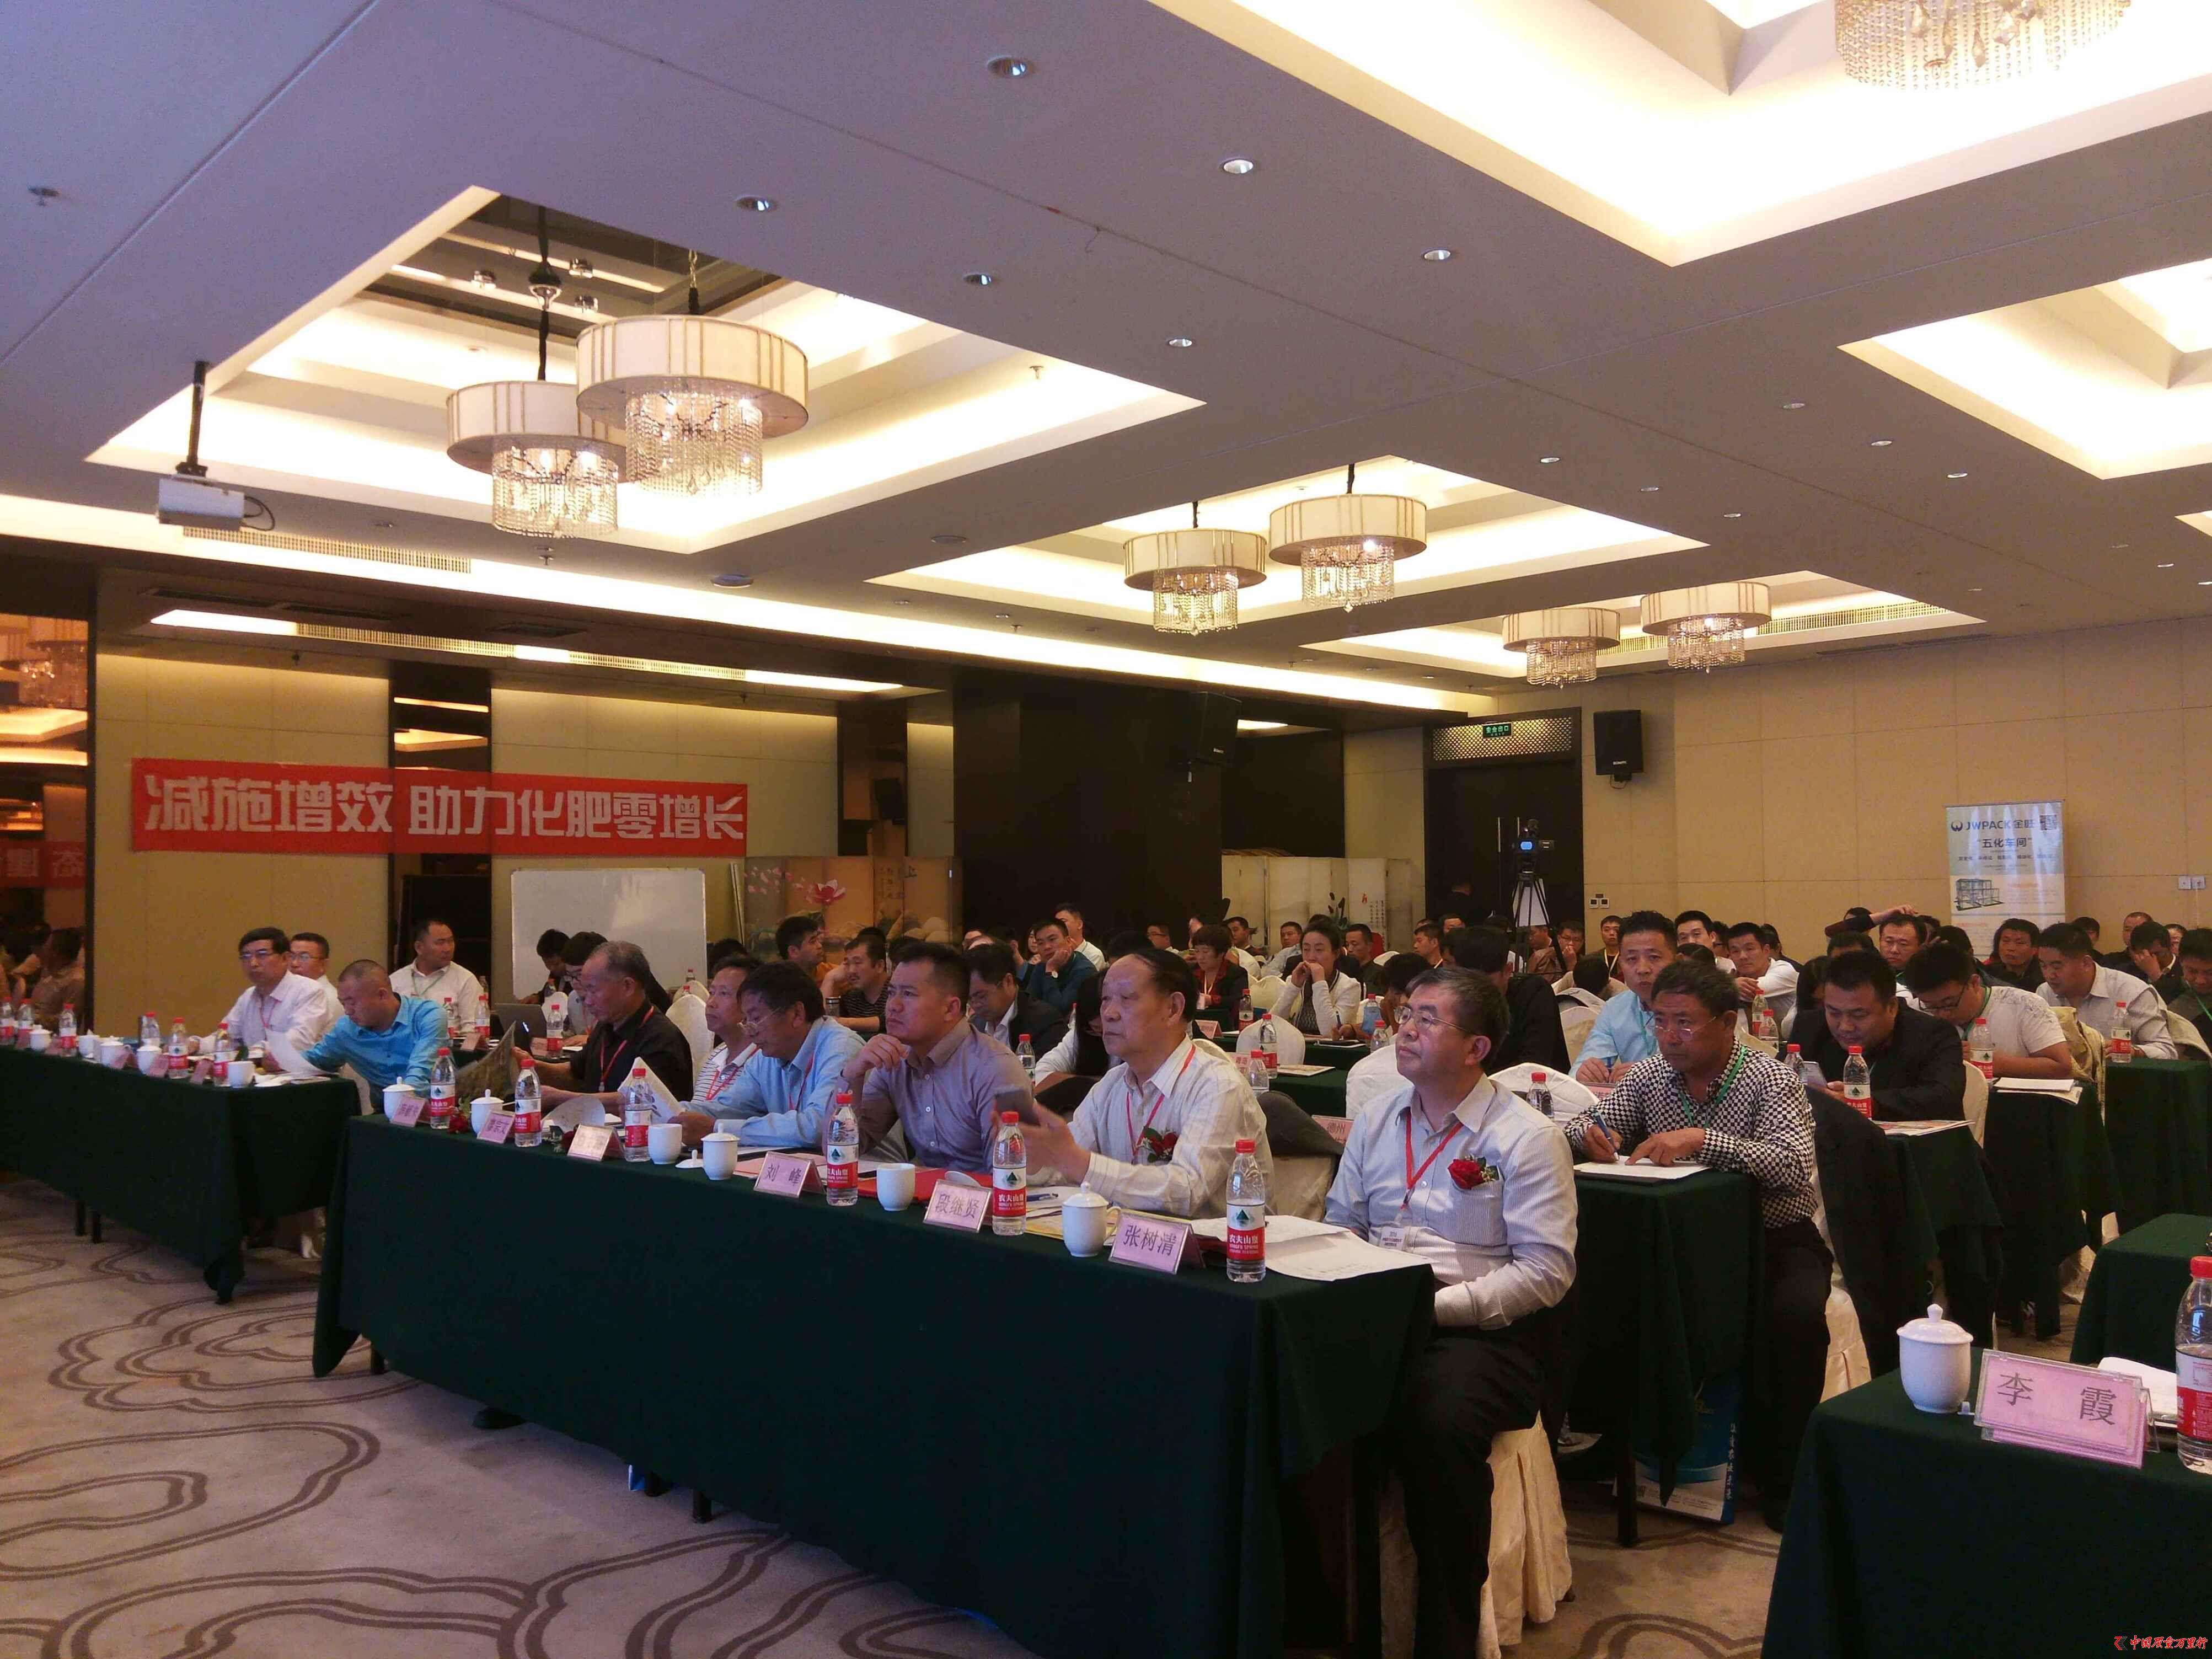 点豆农业链电商服务平台举办2016年中国数字化施肥论坛在济南盛大举行